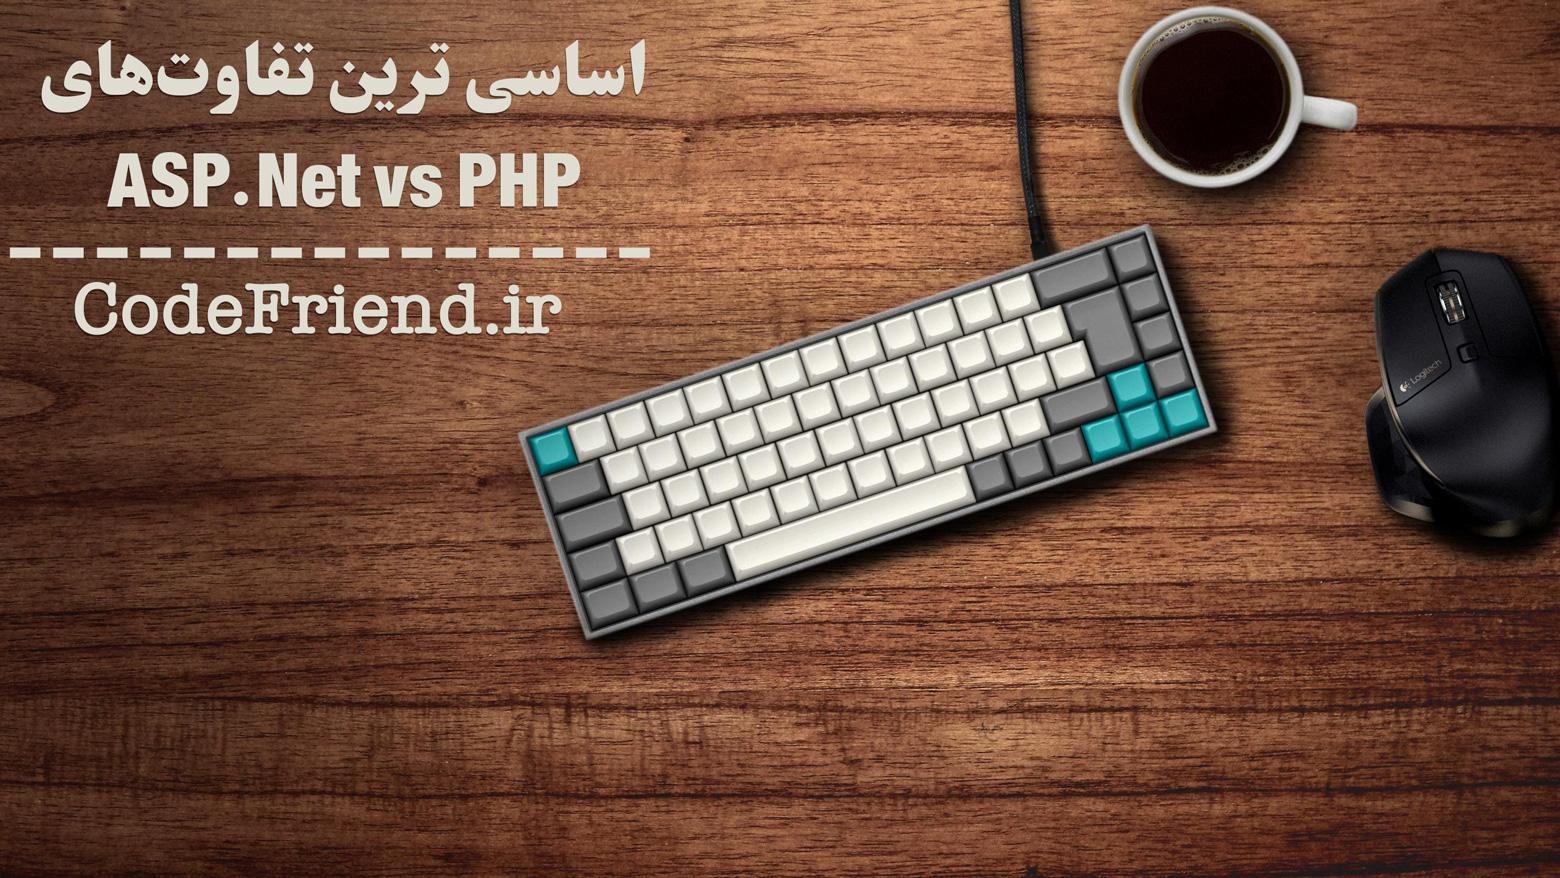 اساسی ترین تفاوتهای ASP.net و PHP